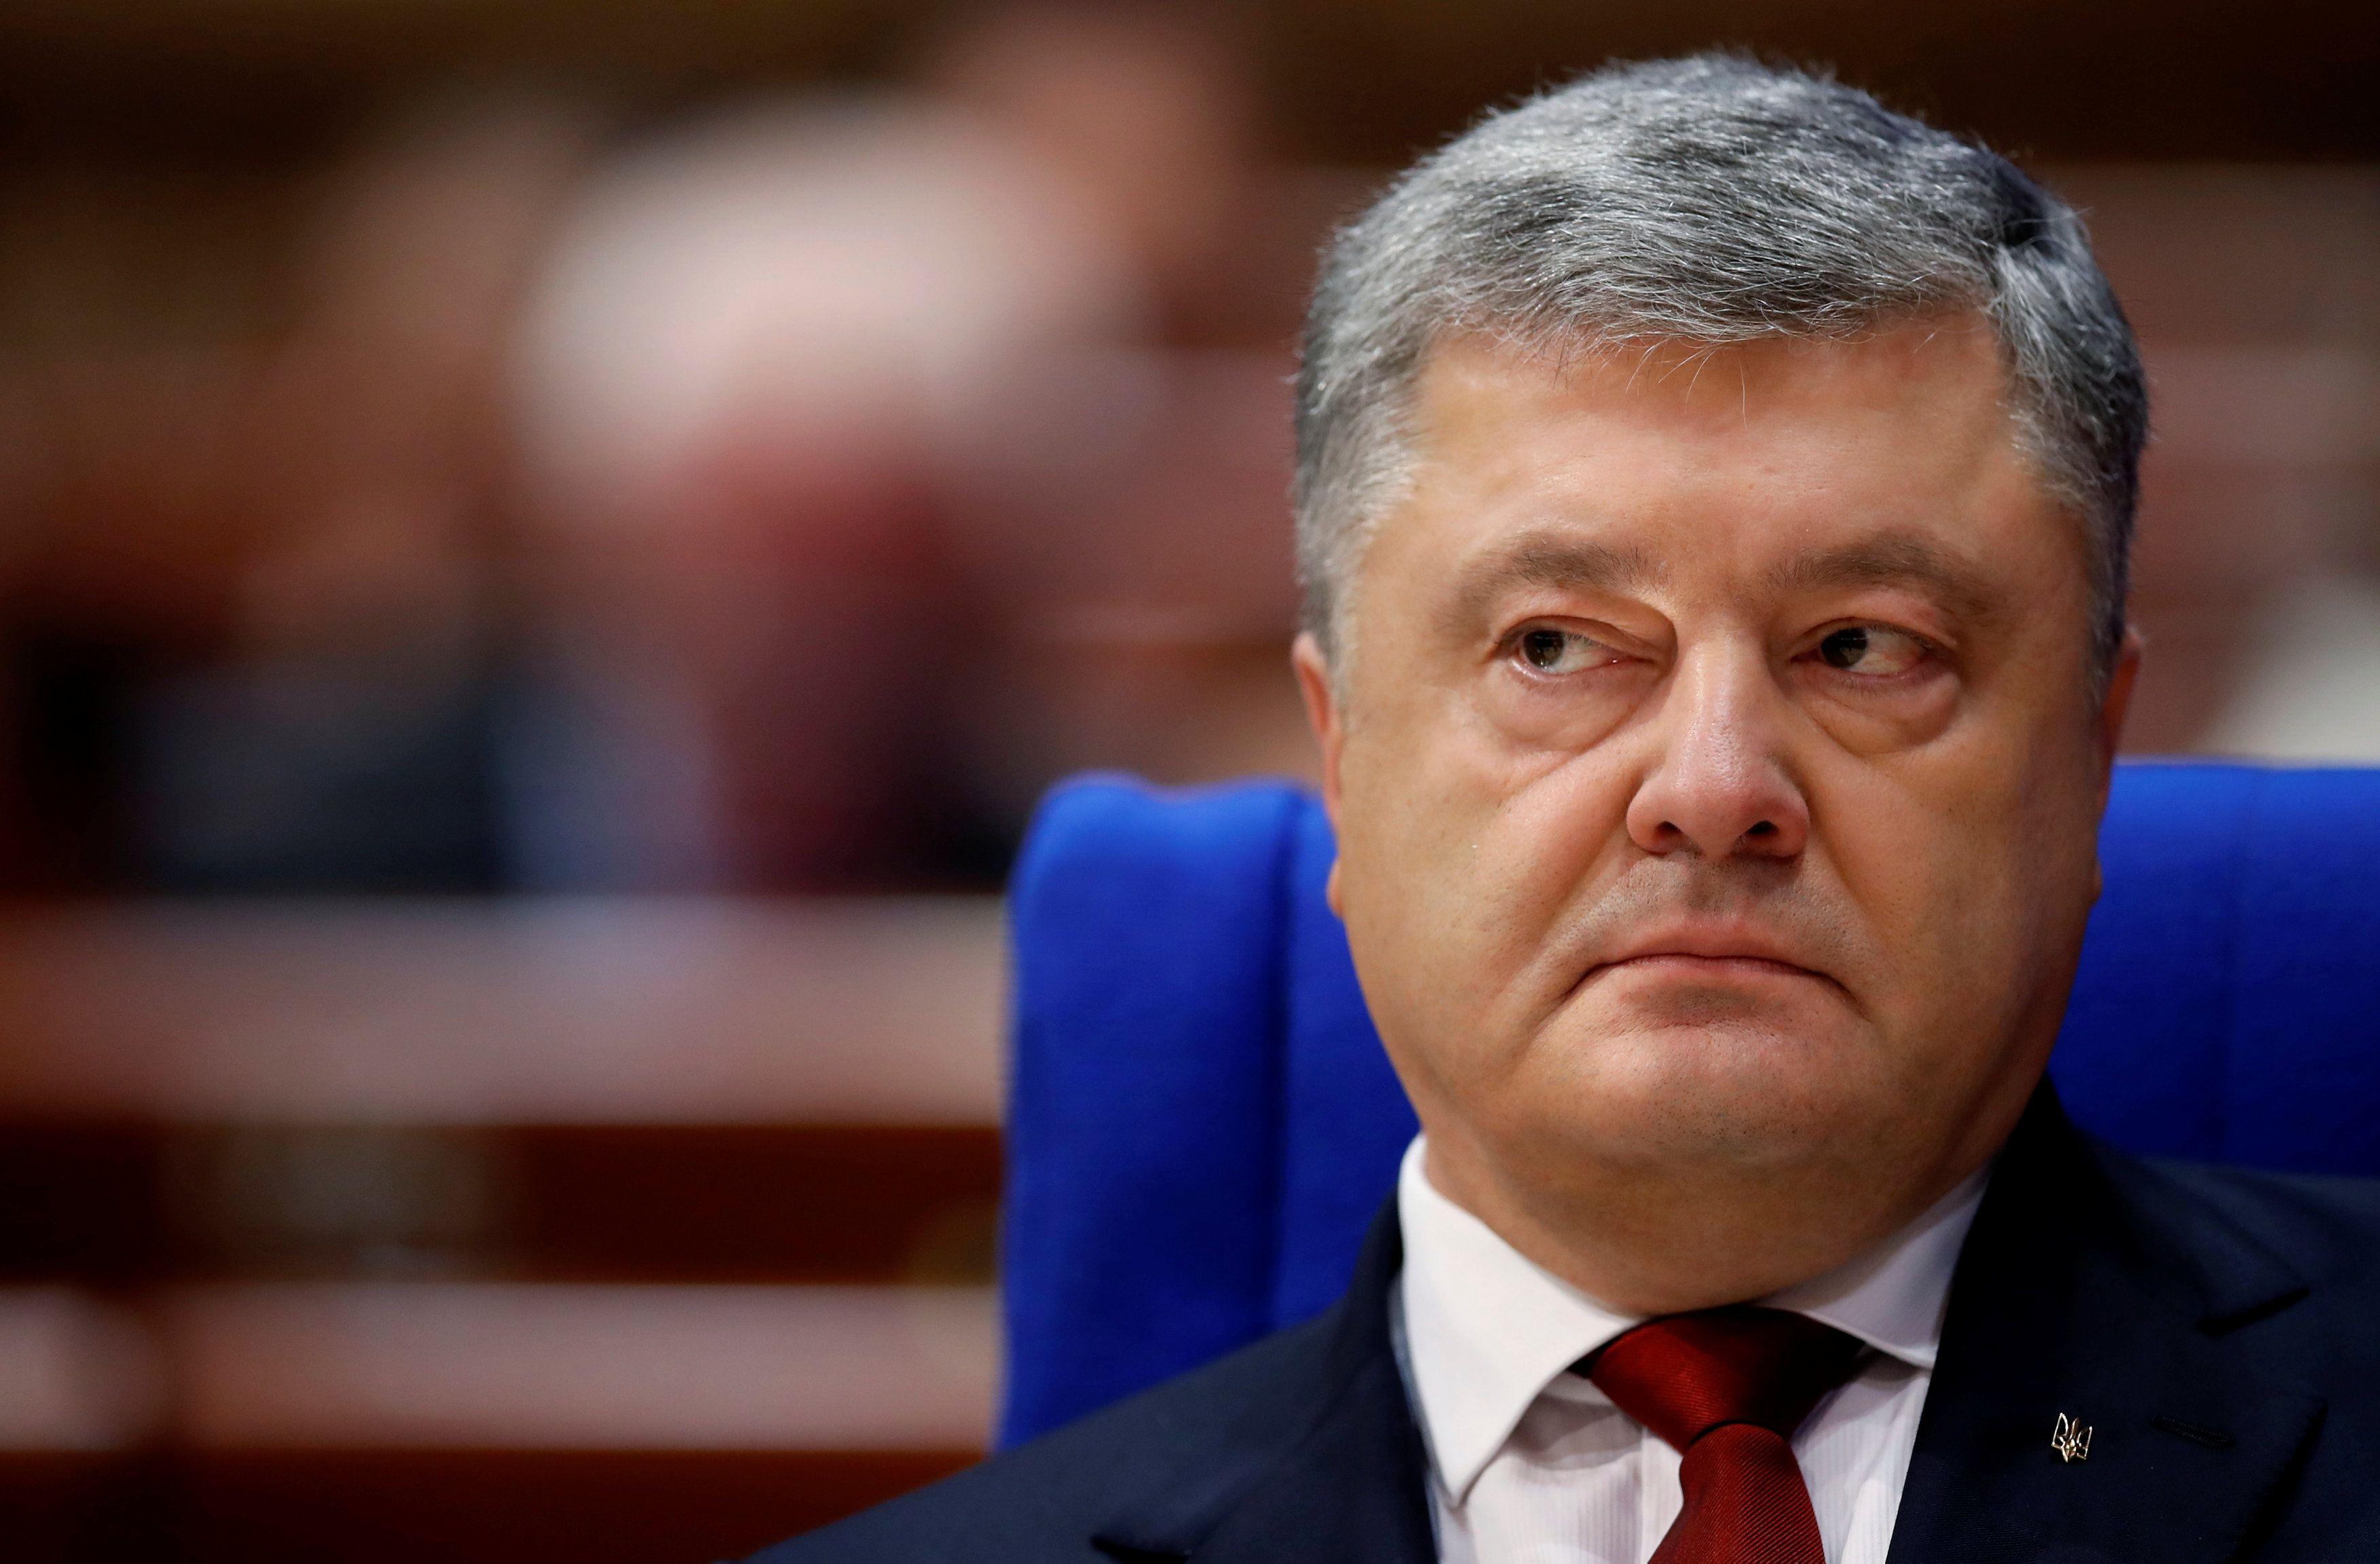 Порошенко призвал предоставить летальное оружие Украине: он не исключает начала наземной военной операции со стороны РФ